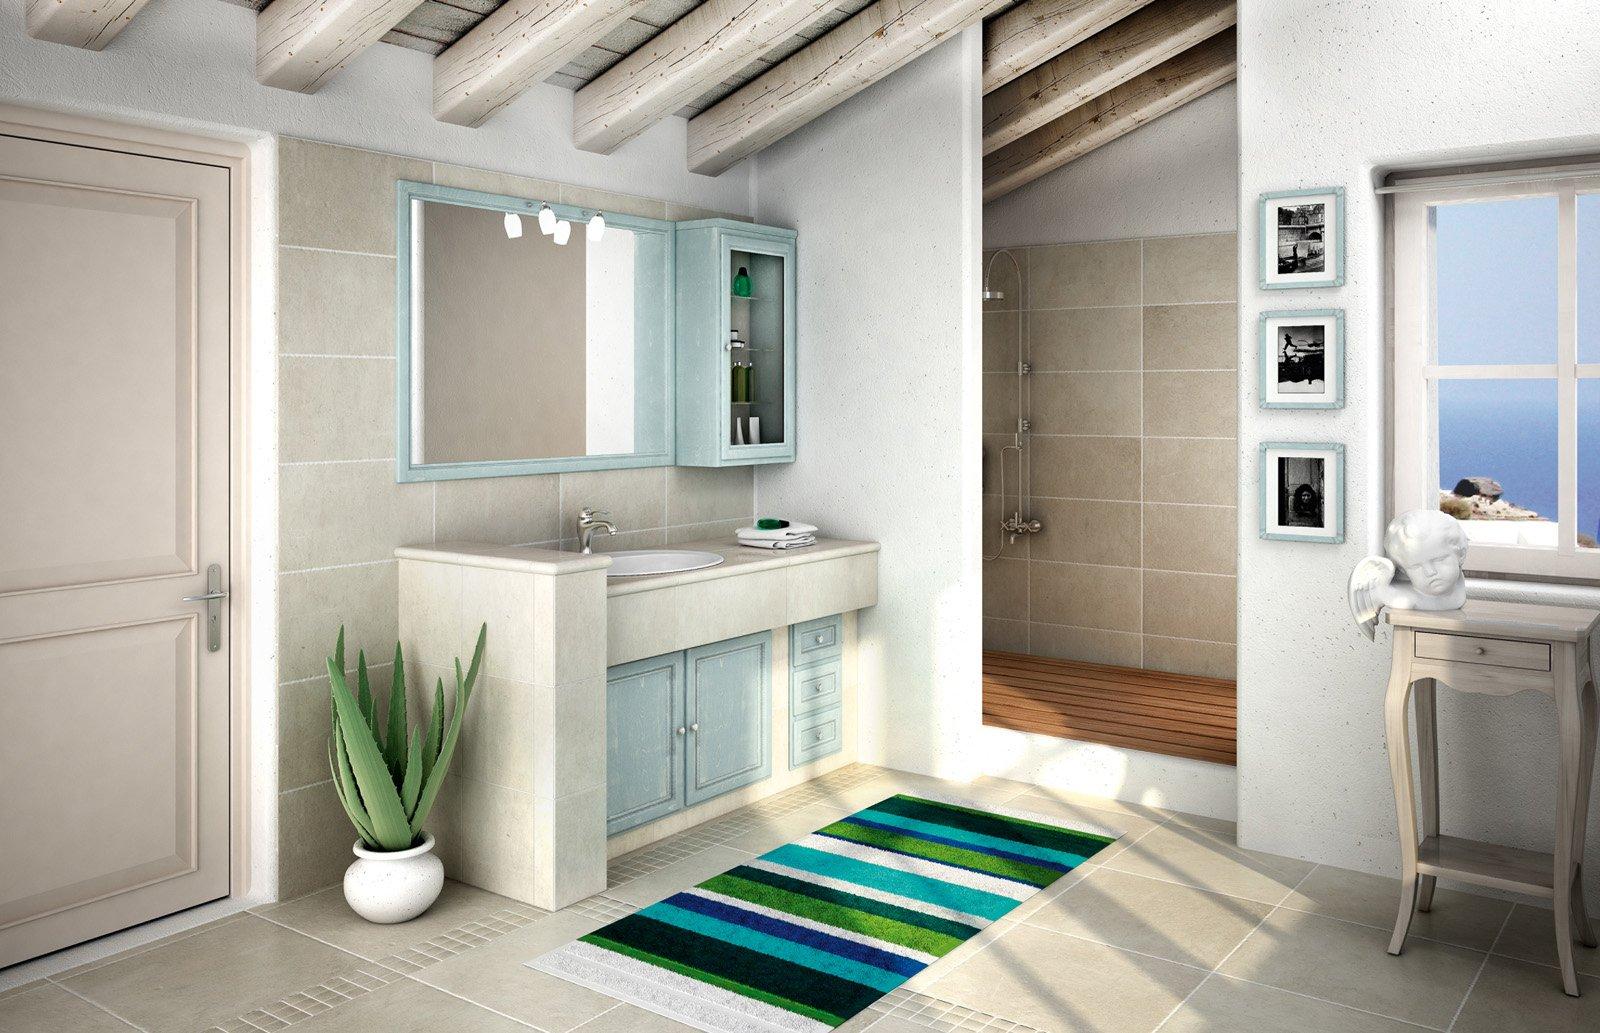 Mobile bagno classico effetto muratura cose di casa - Immagini arredo bagno ...